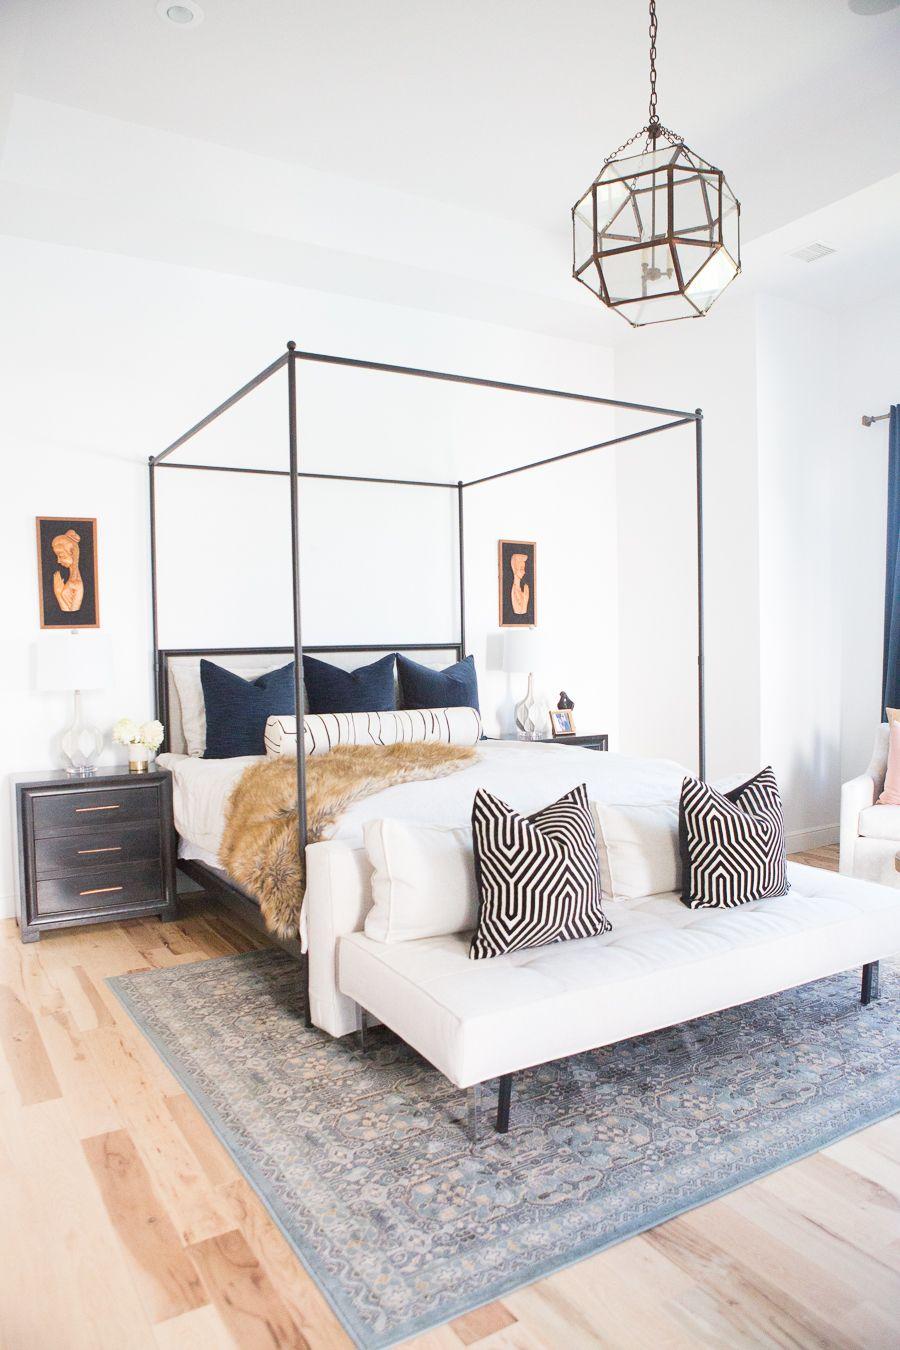 Custom pillow ideas from little design co pillow shop bedroom